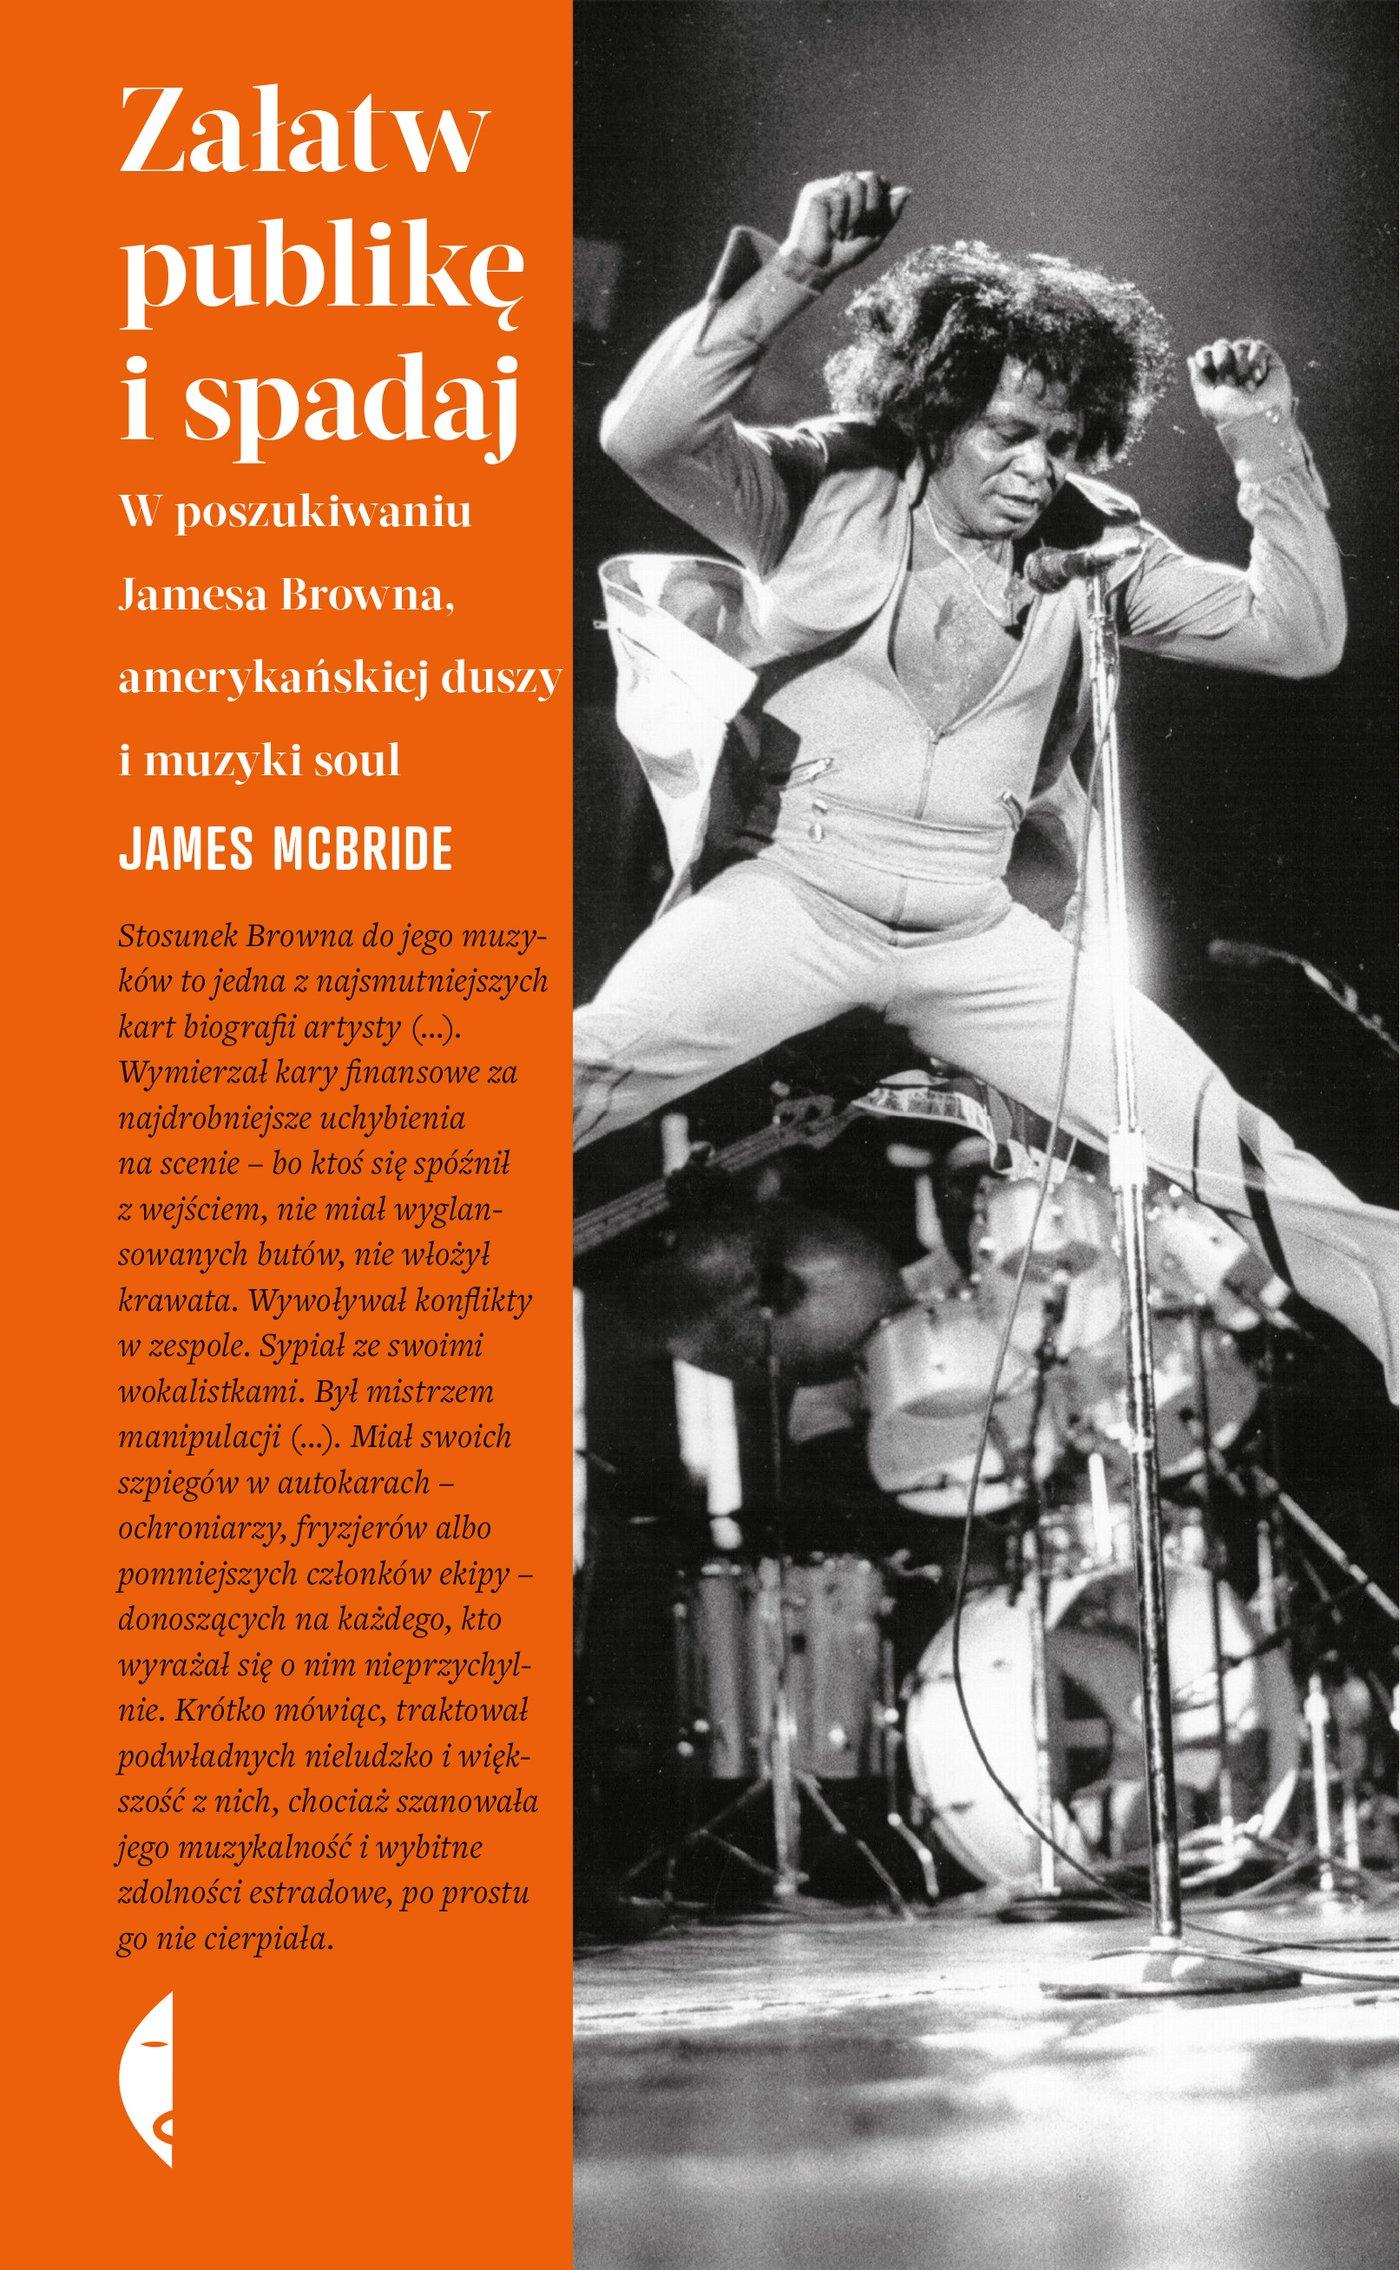 Załatw publikę i spadaj - Ebook (Książka na Kindle) do pobrania w formacie MOBI